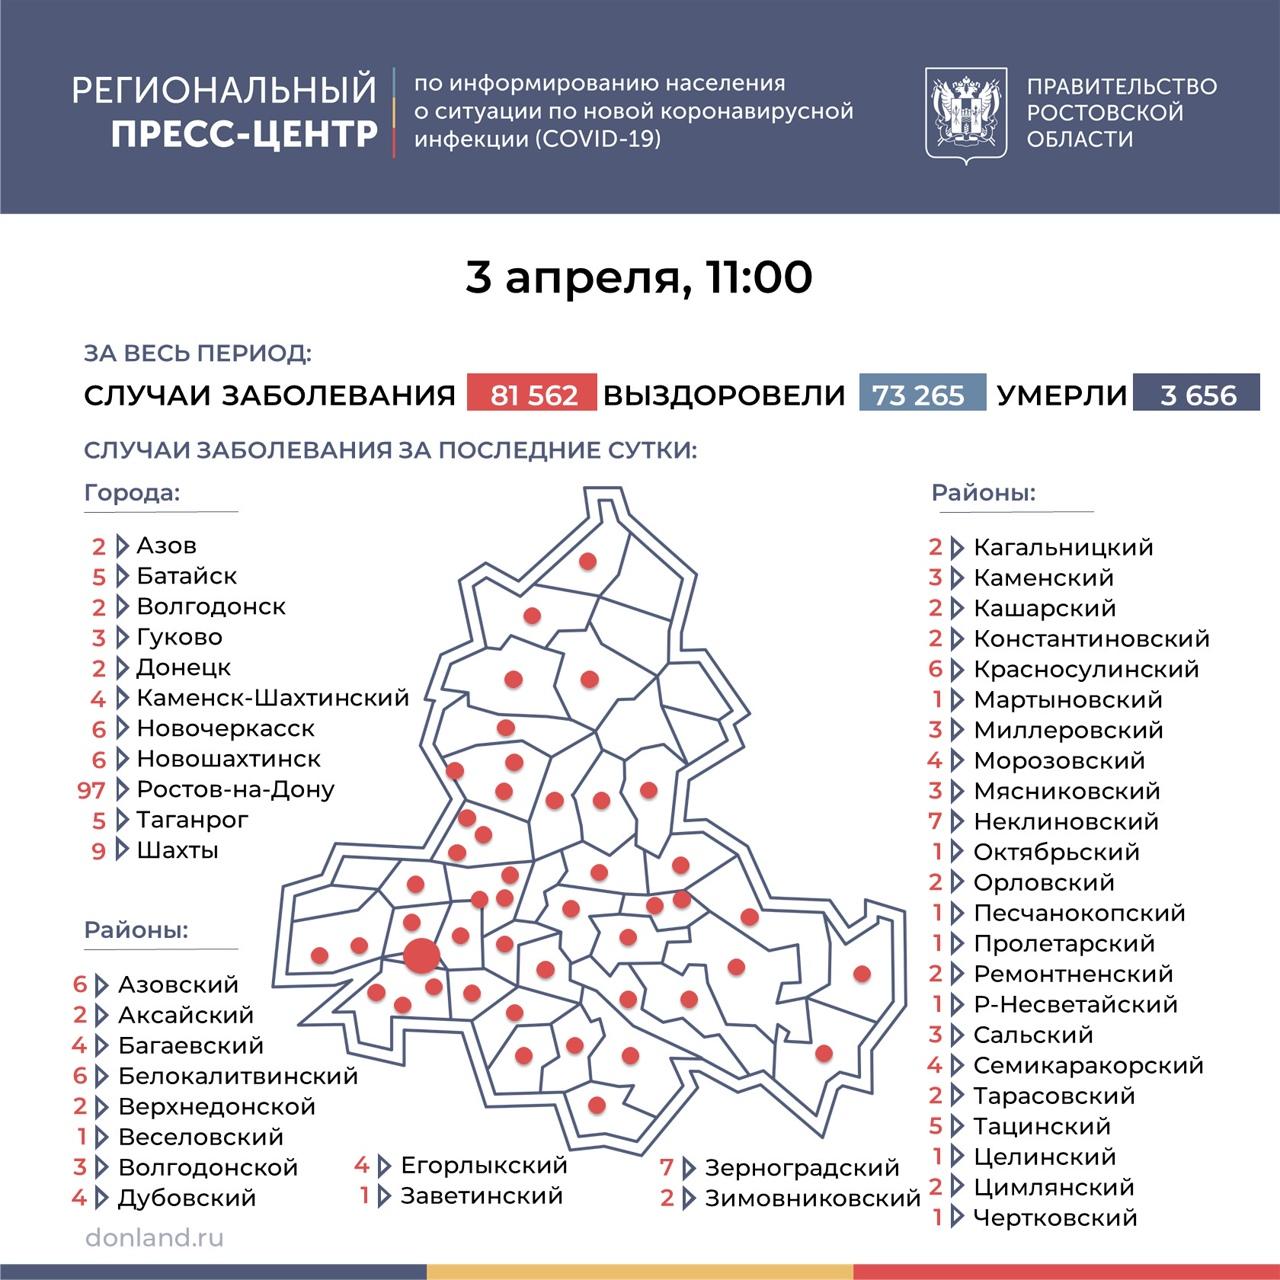 На Дону число инфицированных COVID-19 составляет 242, в Таганроге 5 новых случаев